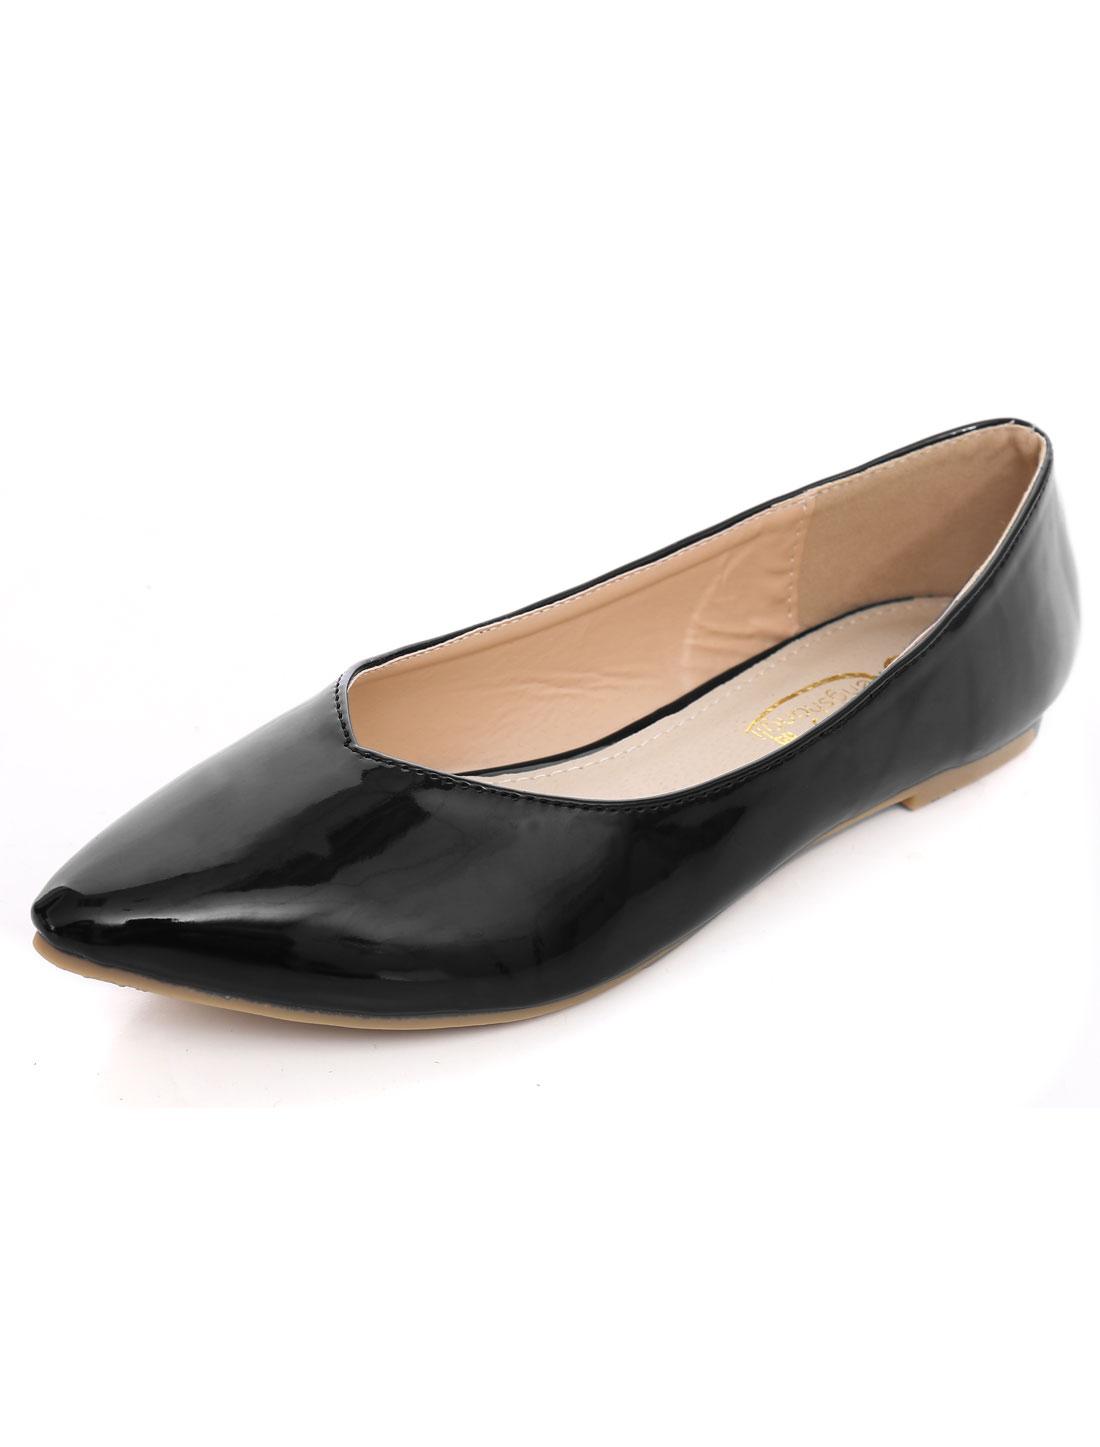 Woman V-Cut Vamp Easy Slip On Pointed Basic Ballet Flat Black US 8